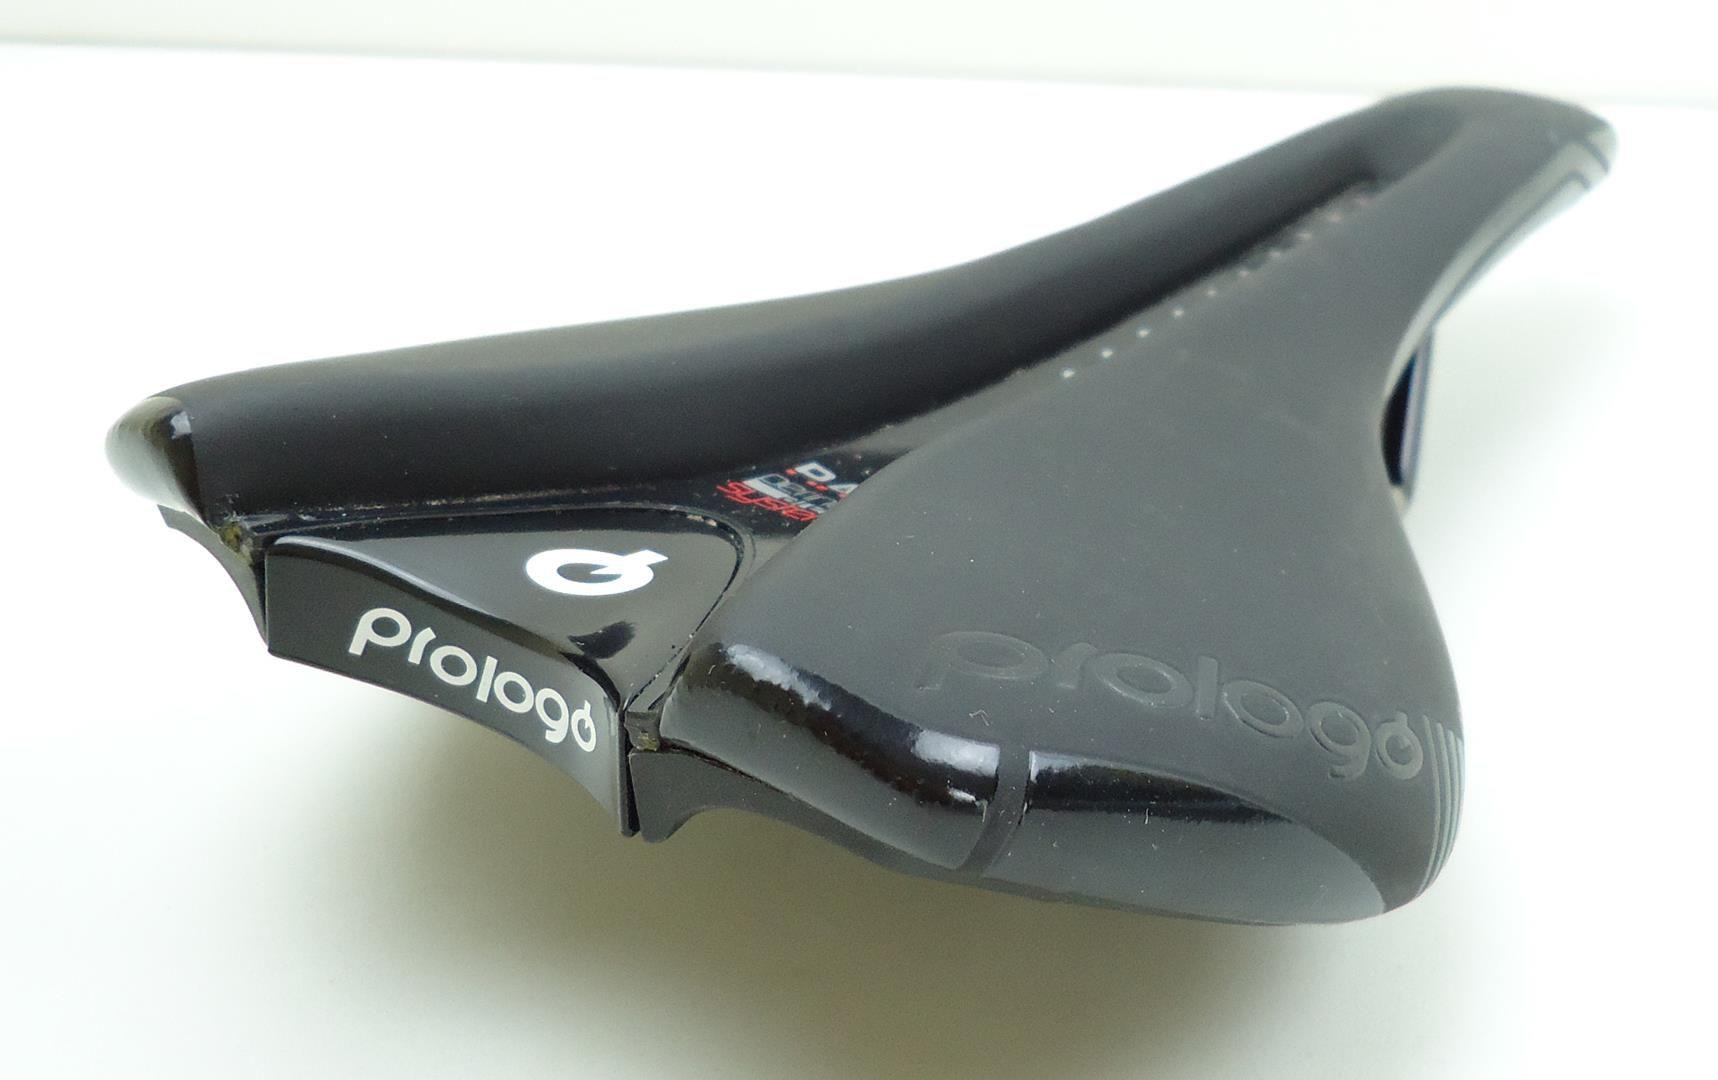 Selim Bicicleta Prologo Nago Evo Pass Cor Preto para Speed Largura 134mm - USADO